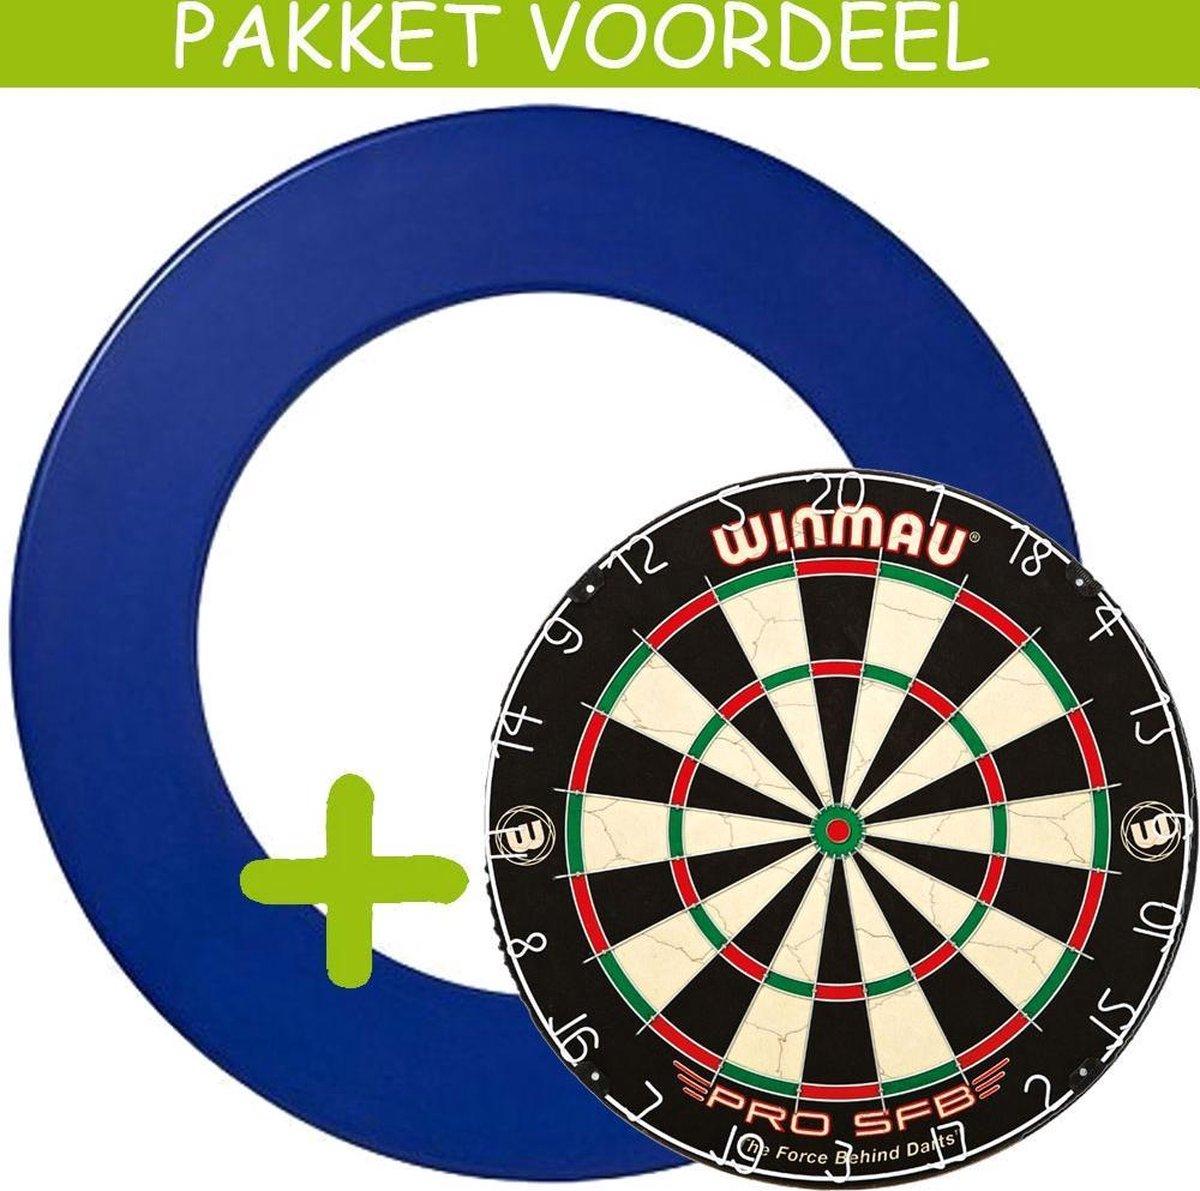 Dartbord Surround VoordeelPakket - Pro SFB - Rubberen Surround-- (Blauw)